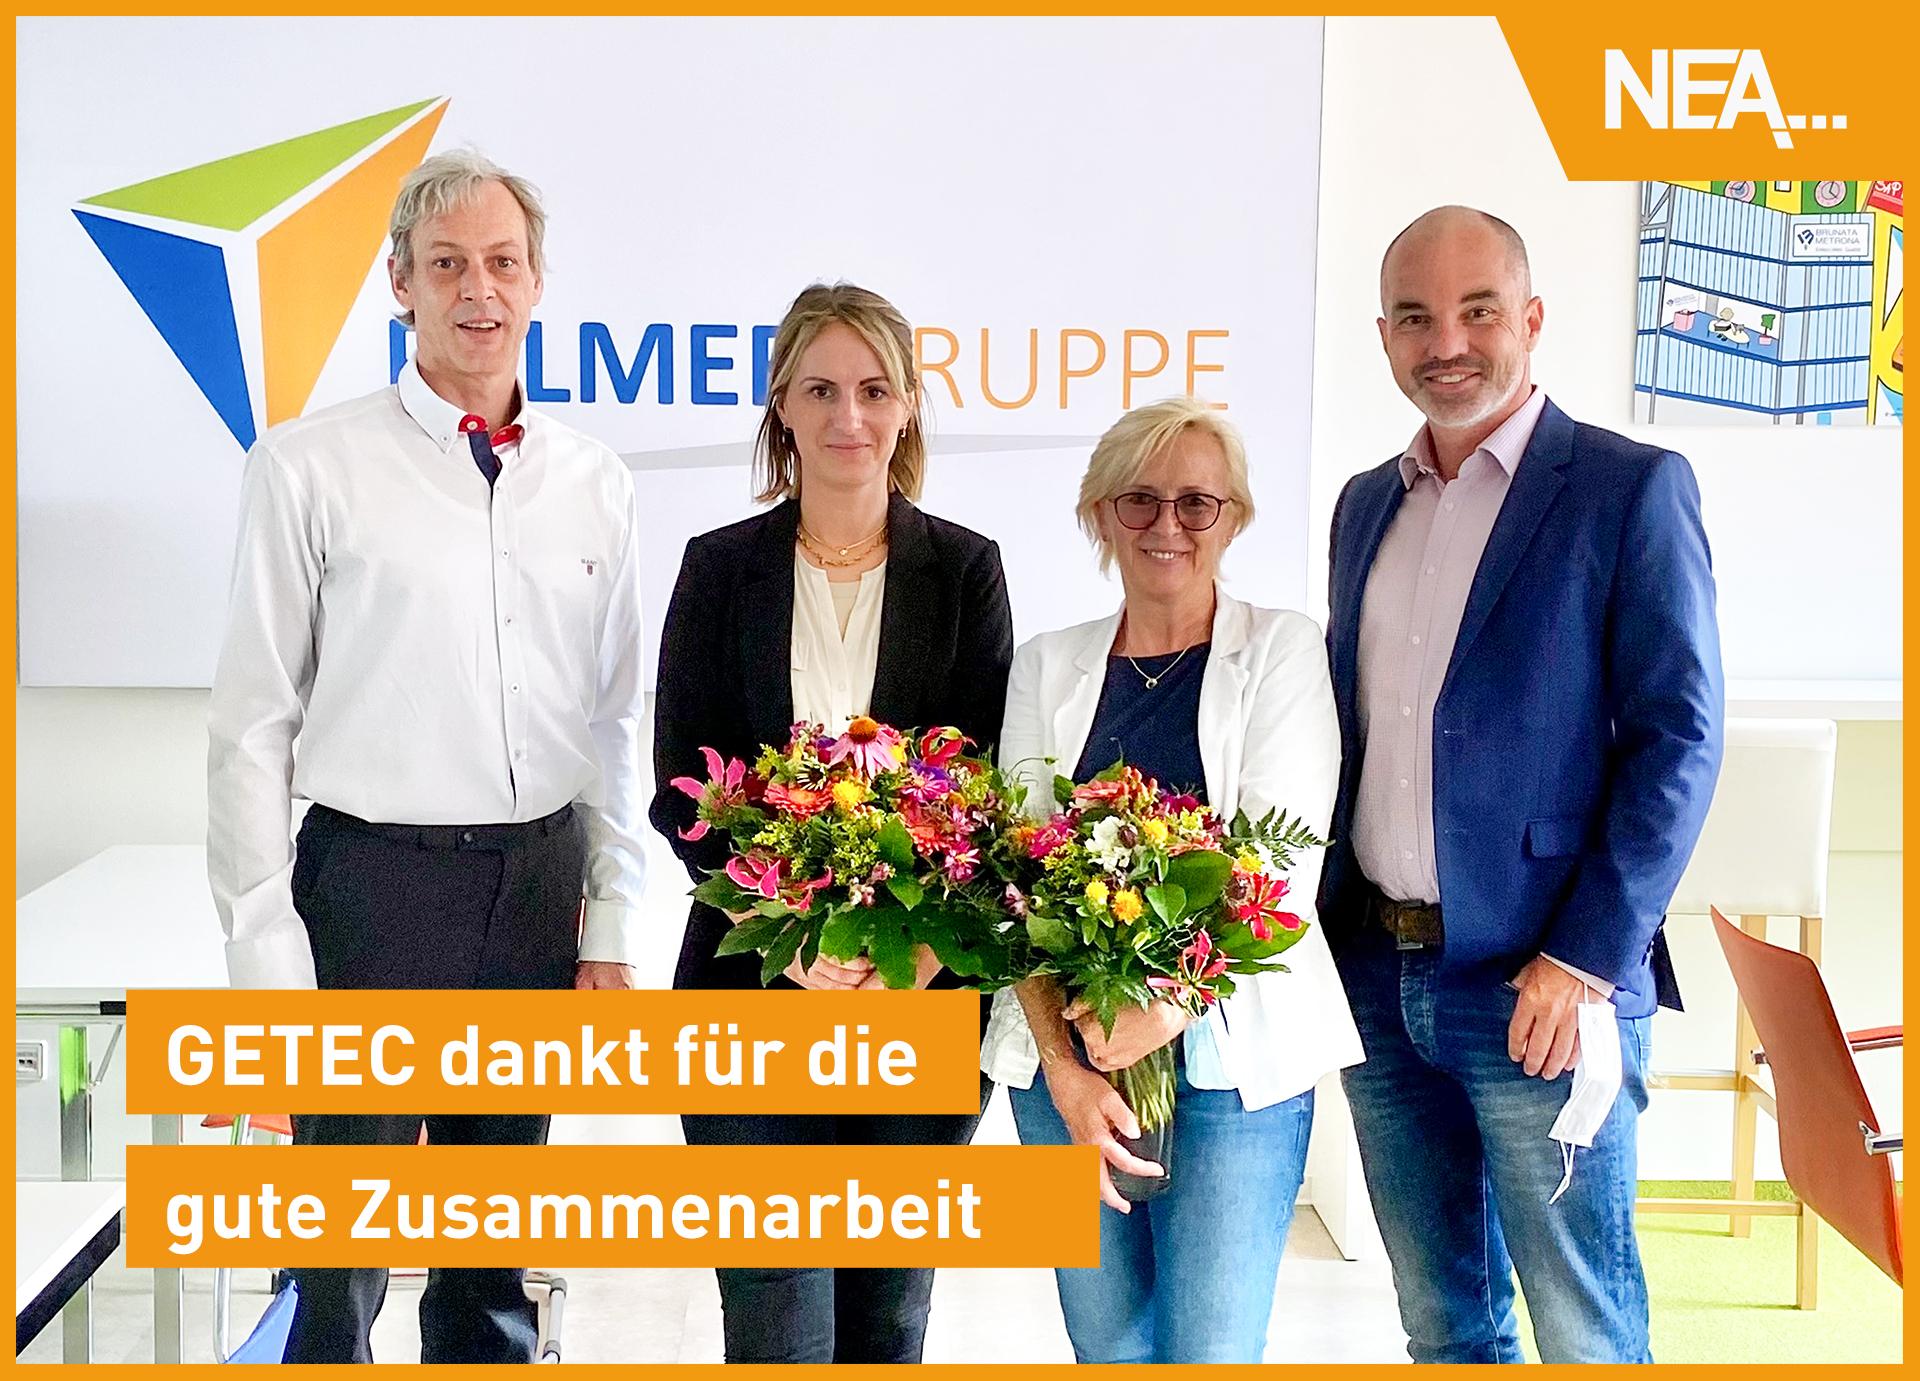 GETEC dankt für gute Zusammenarbeit